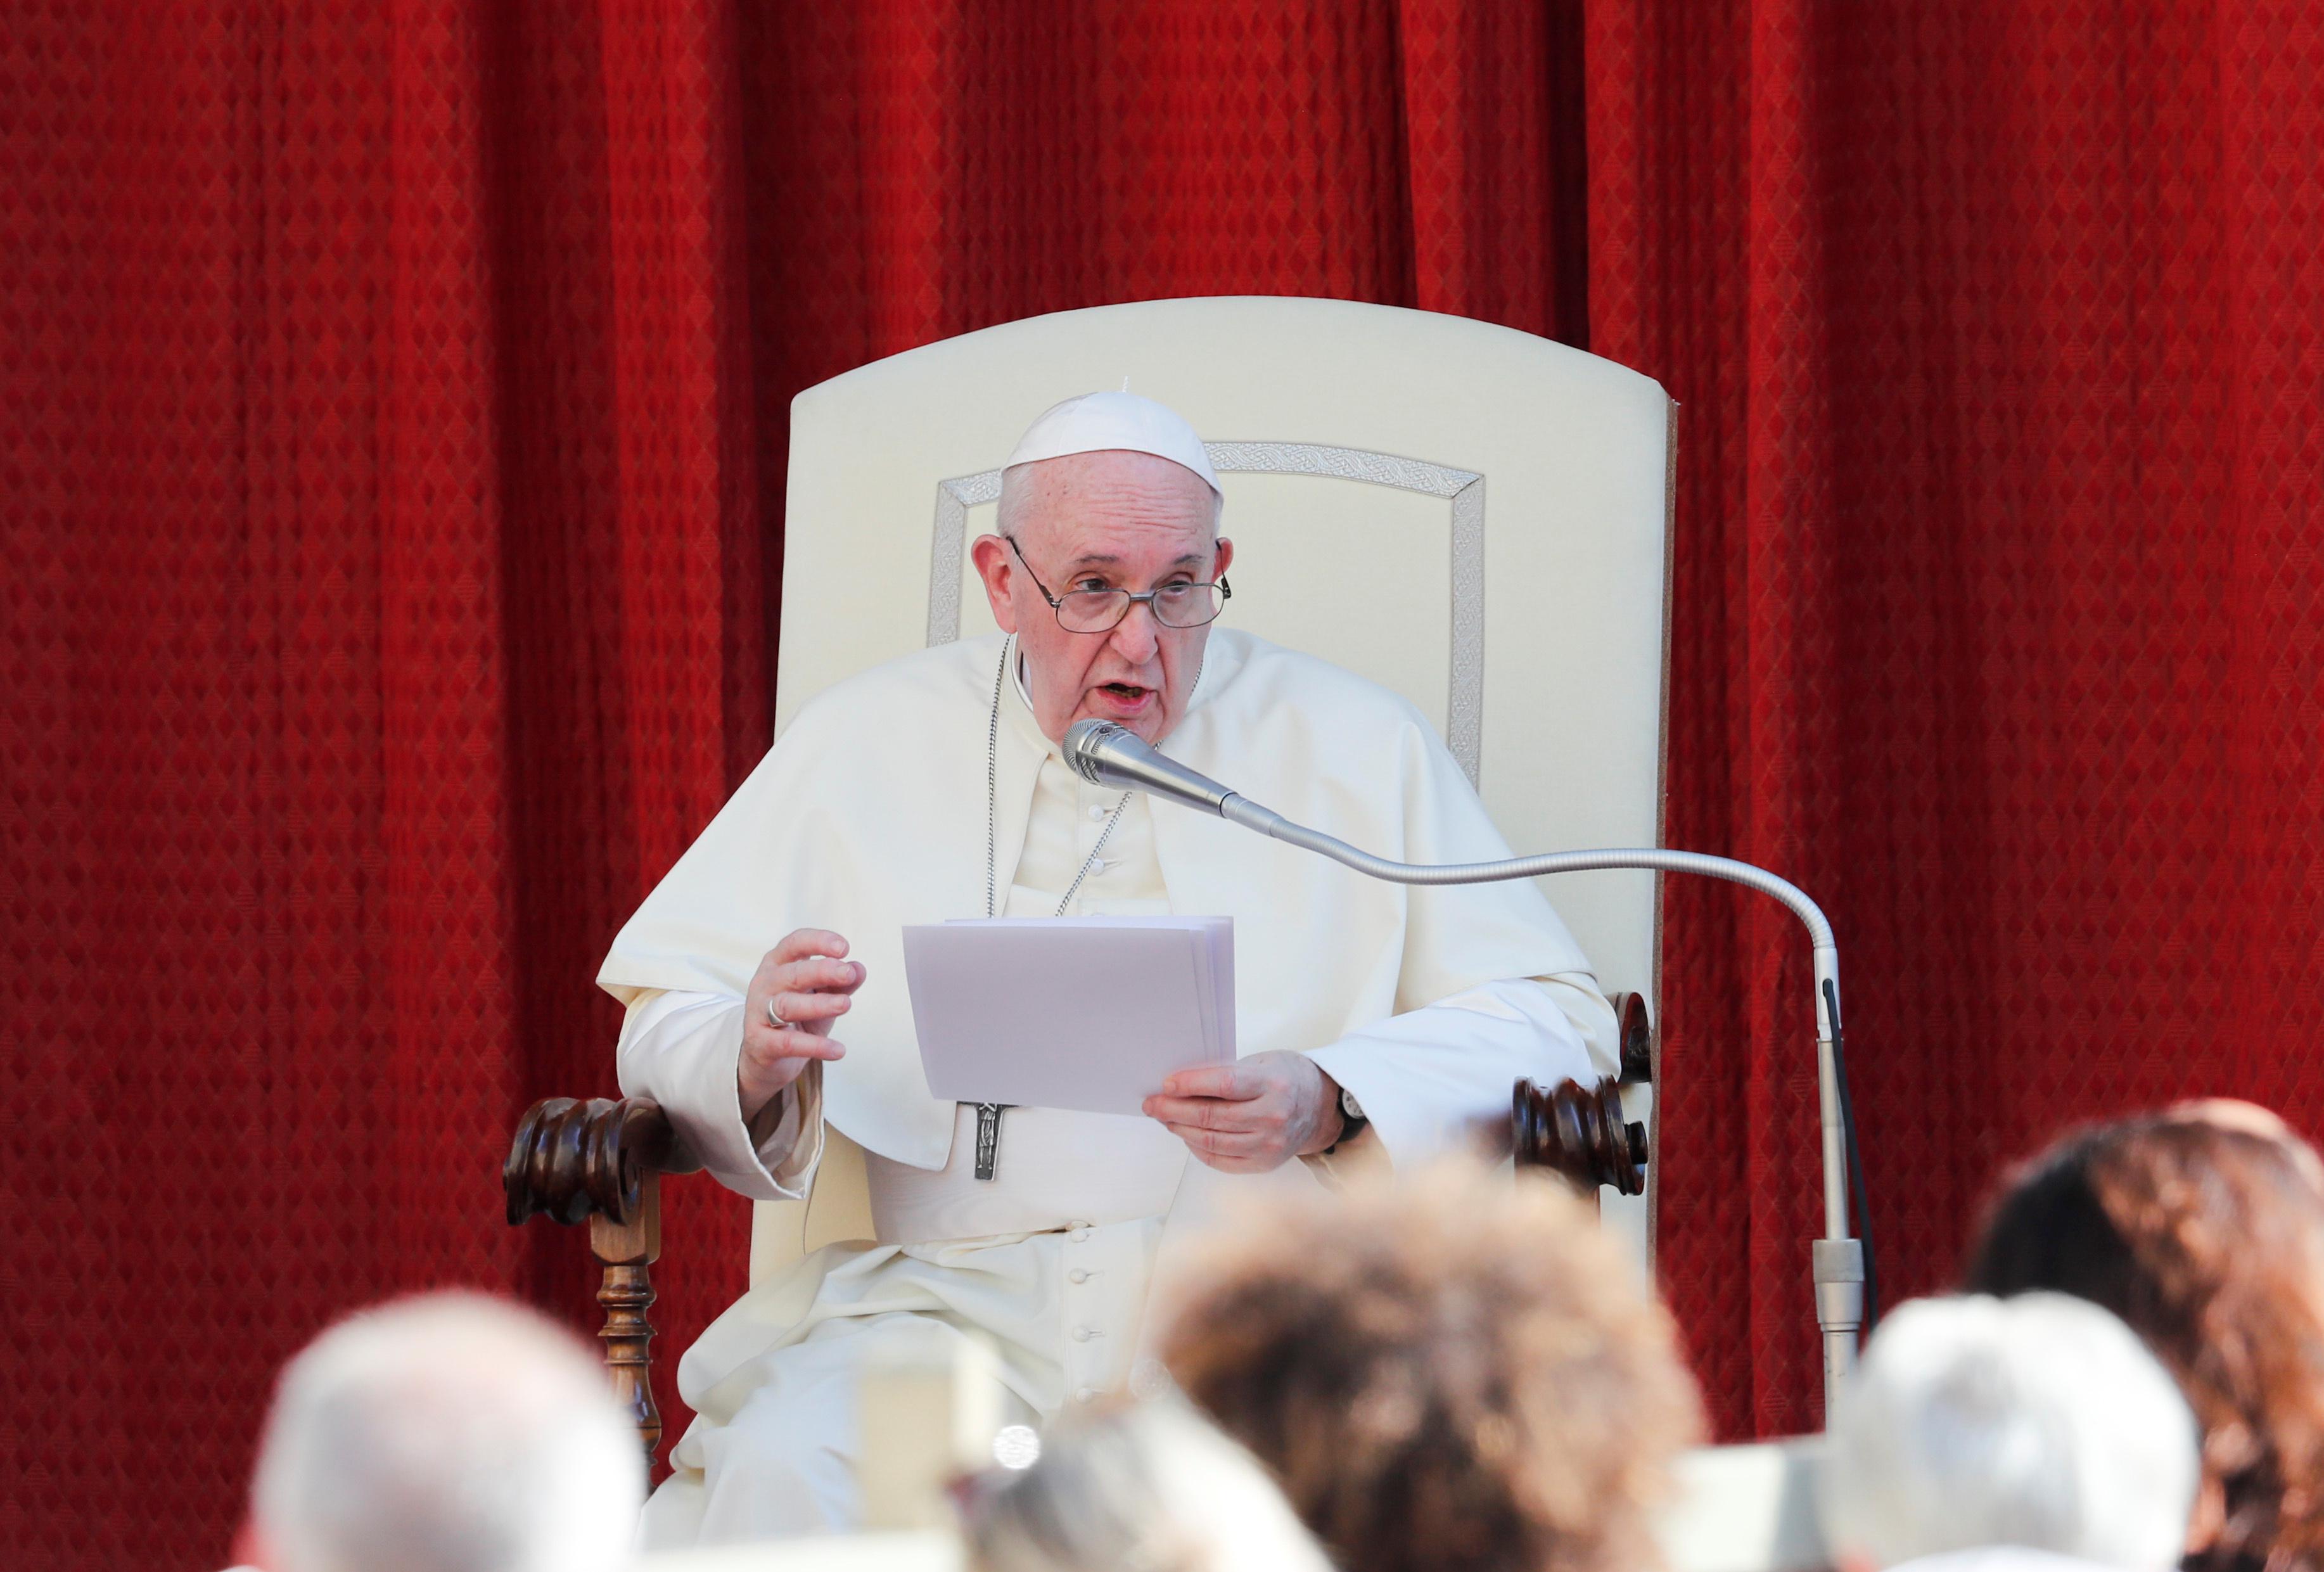 В РПЦ предсказали массовый исход католиков в православие после заявления Папы